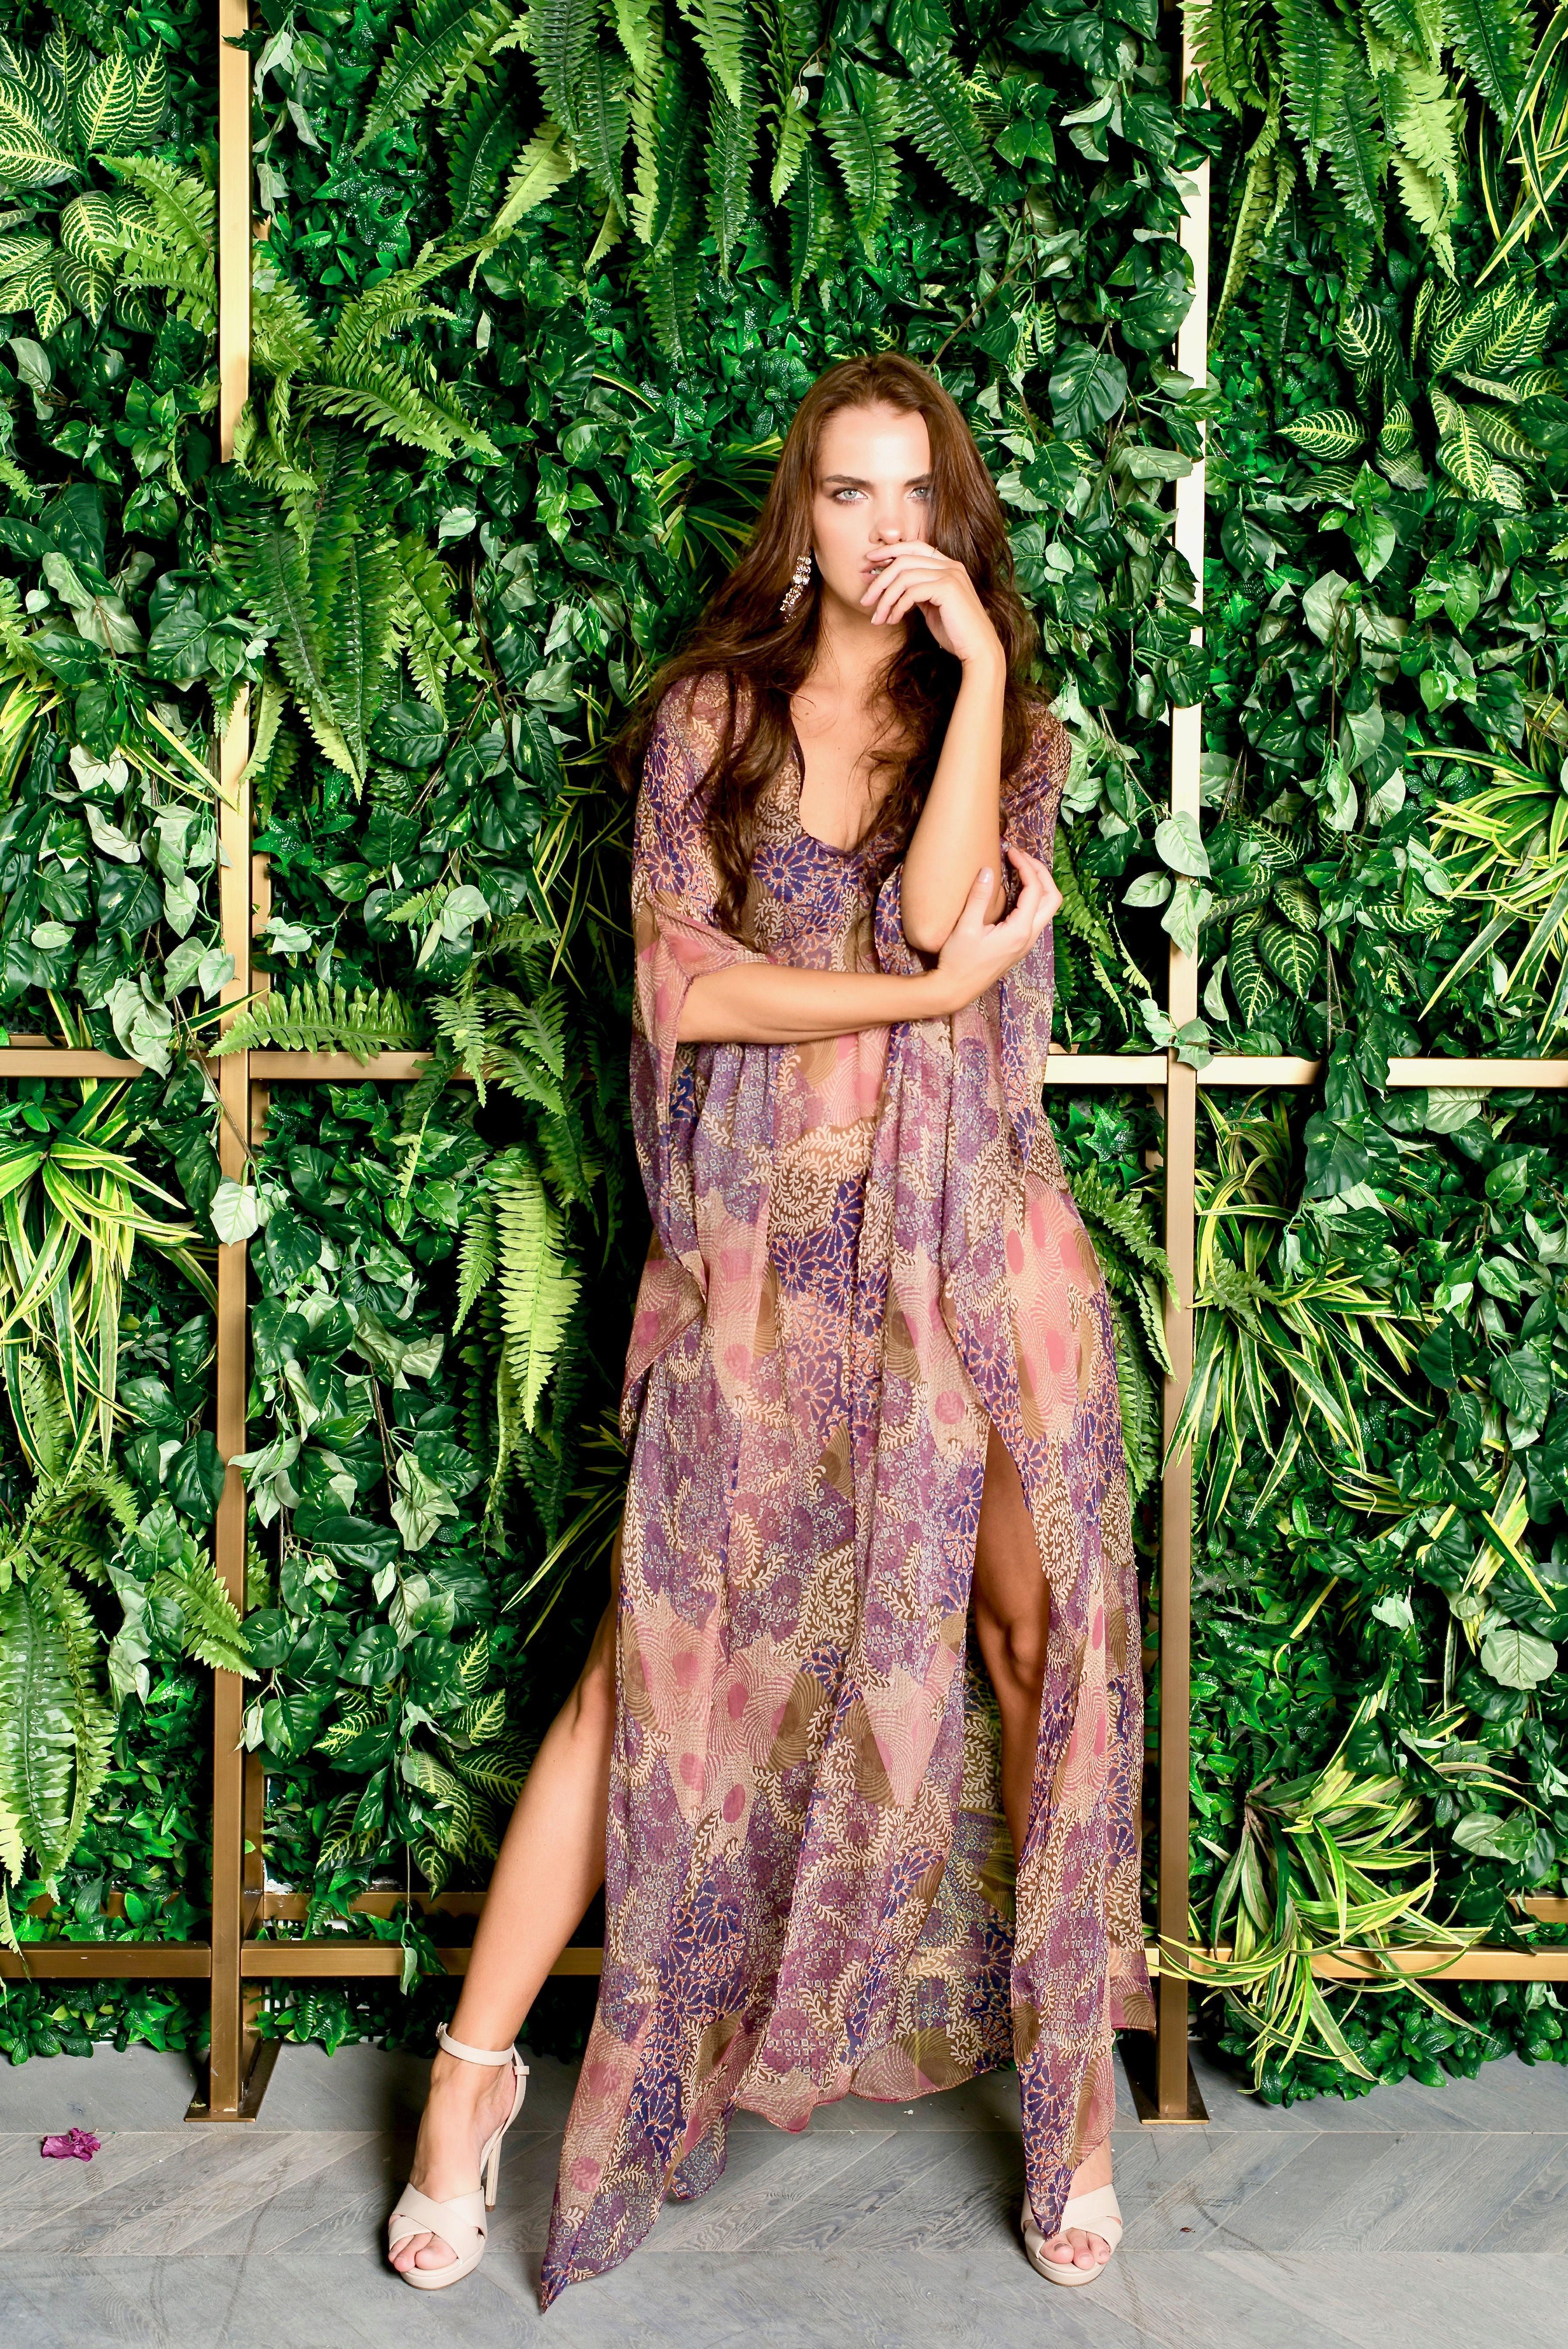 7313150b2 Silk chiffon, resort wear, luxury resort wear, swimwear, coverup, luxury,